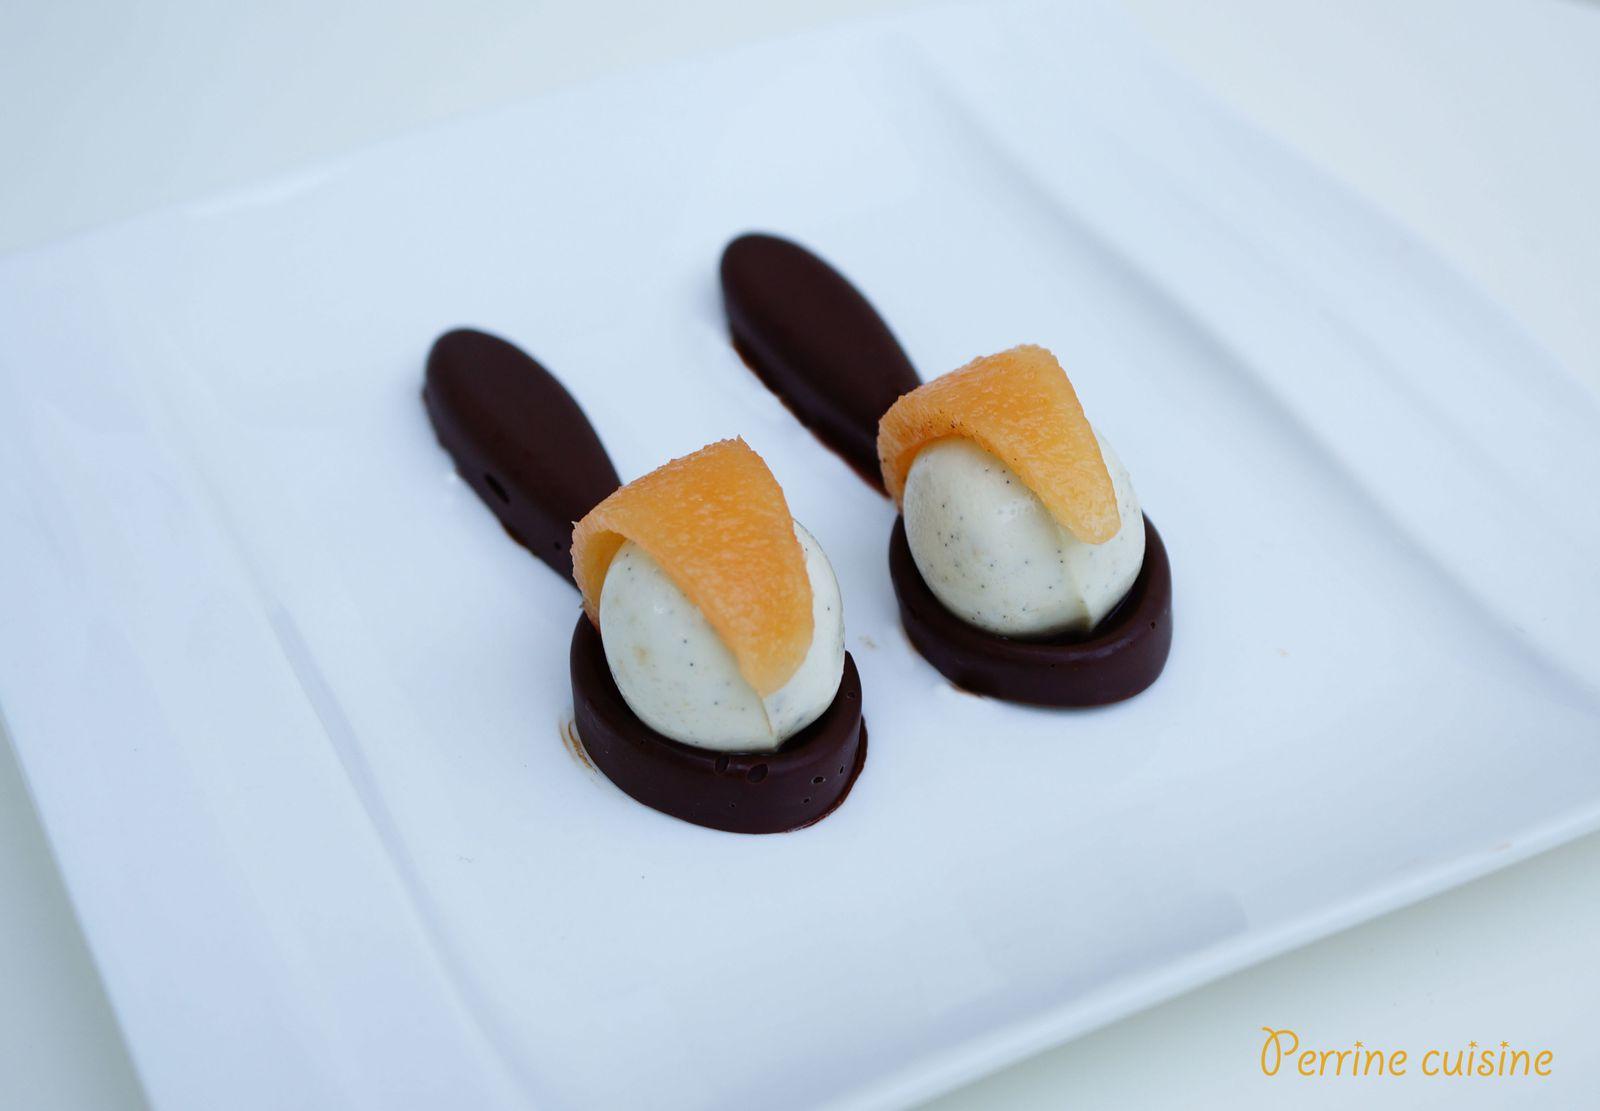 Cuillères au chocolat, sphère de panna cotta à la vanille et voile de melon épicé